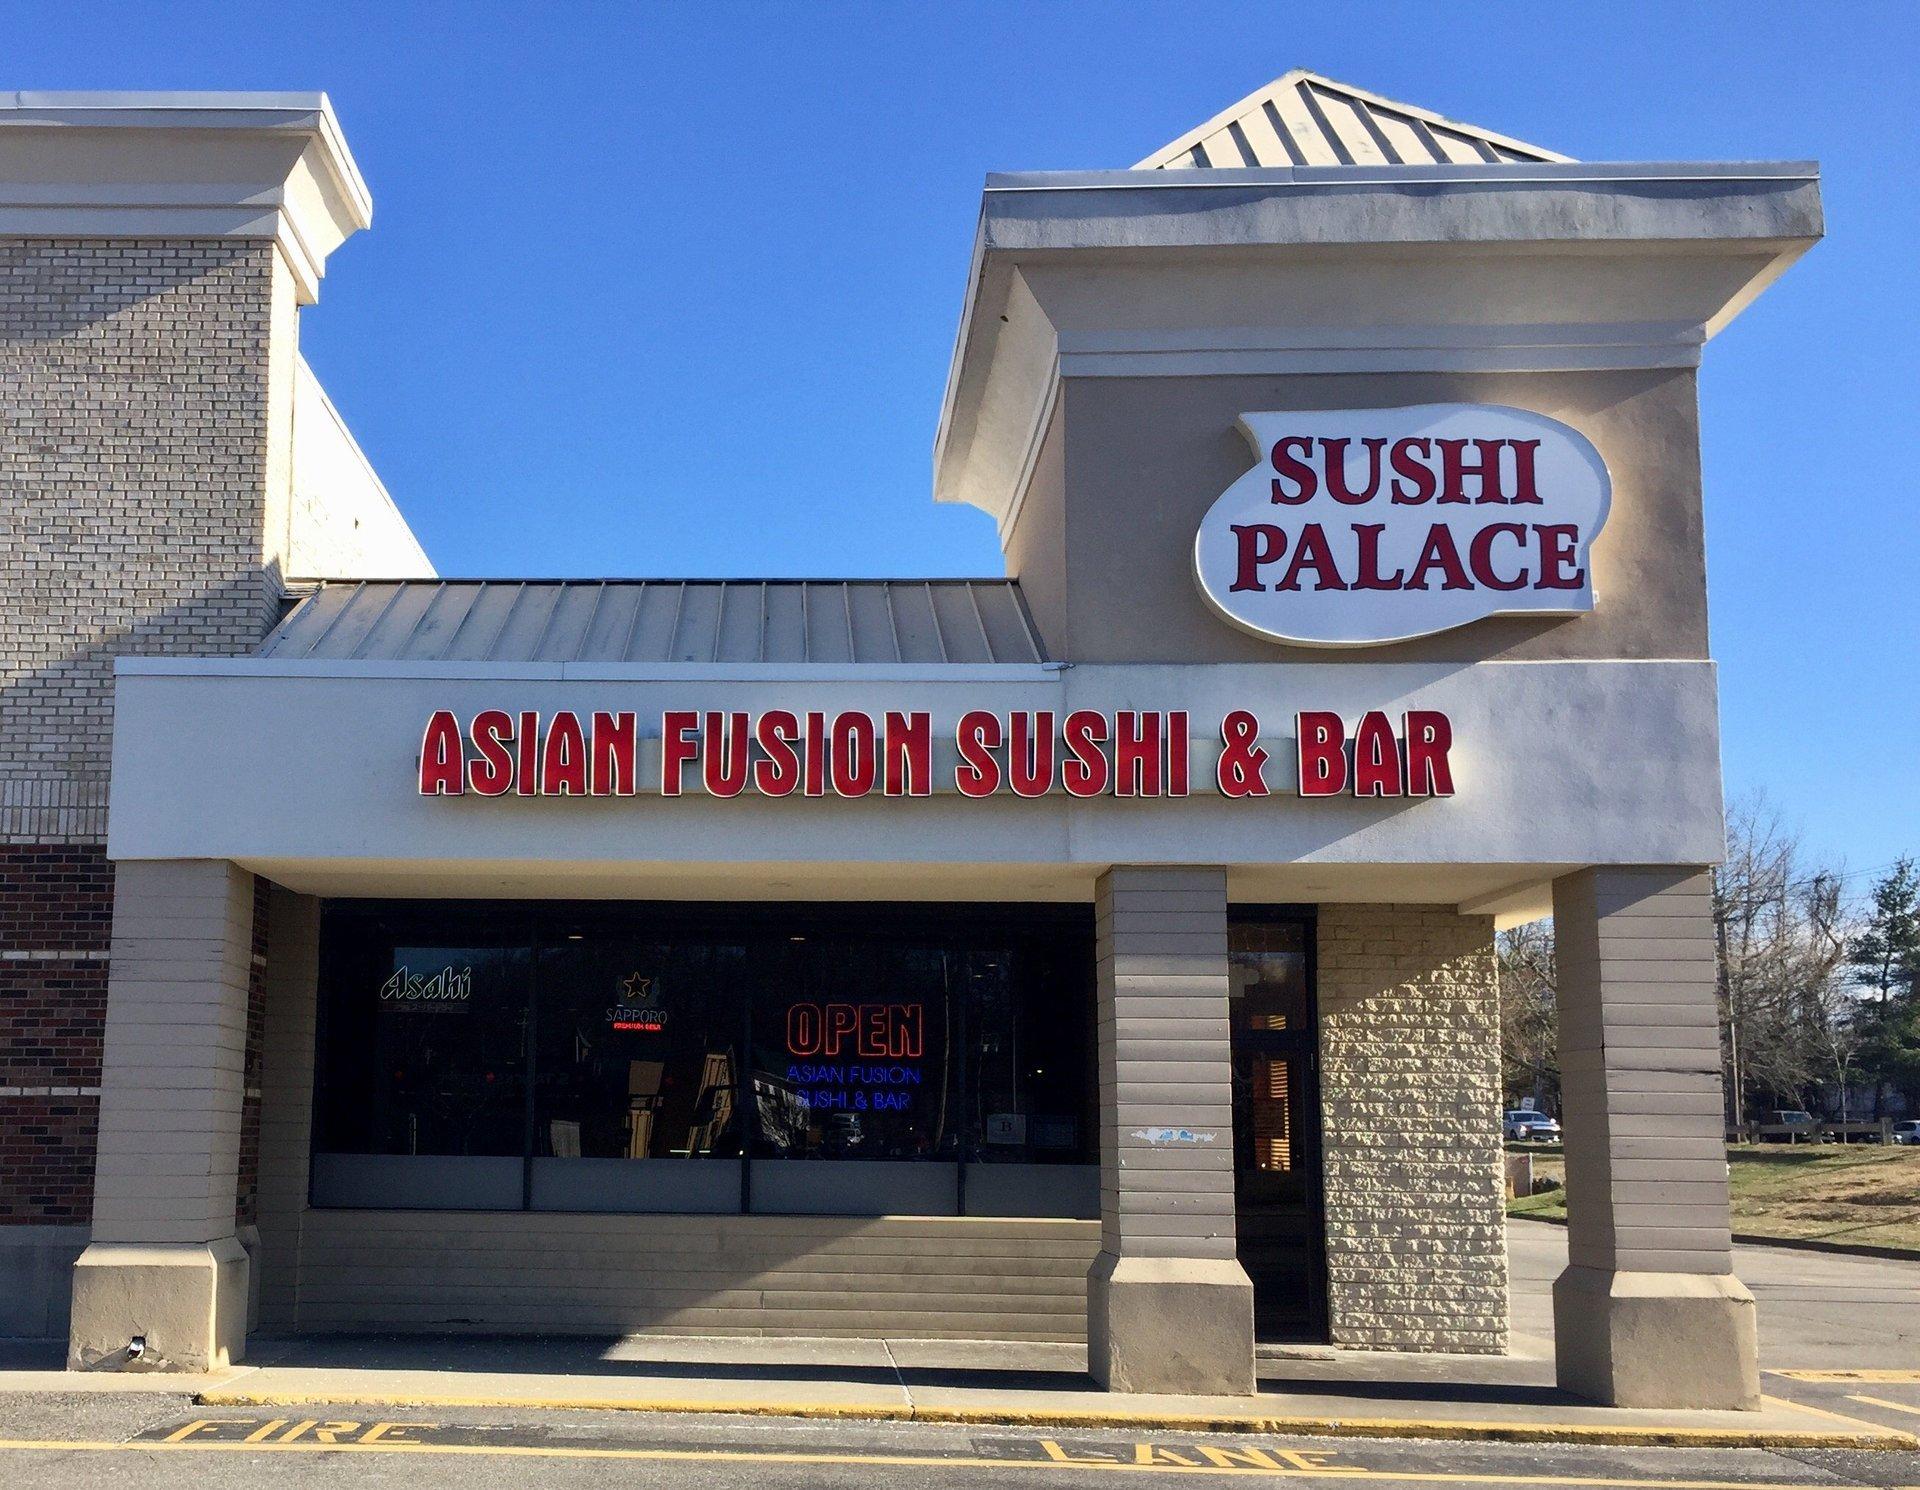 Sushi Palace image 4